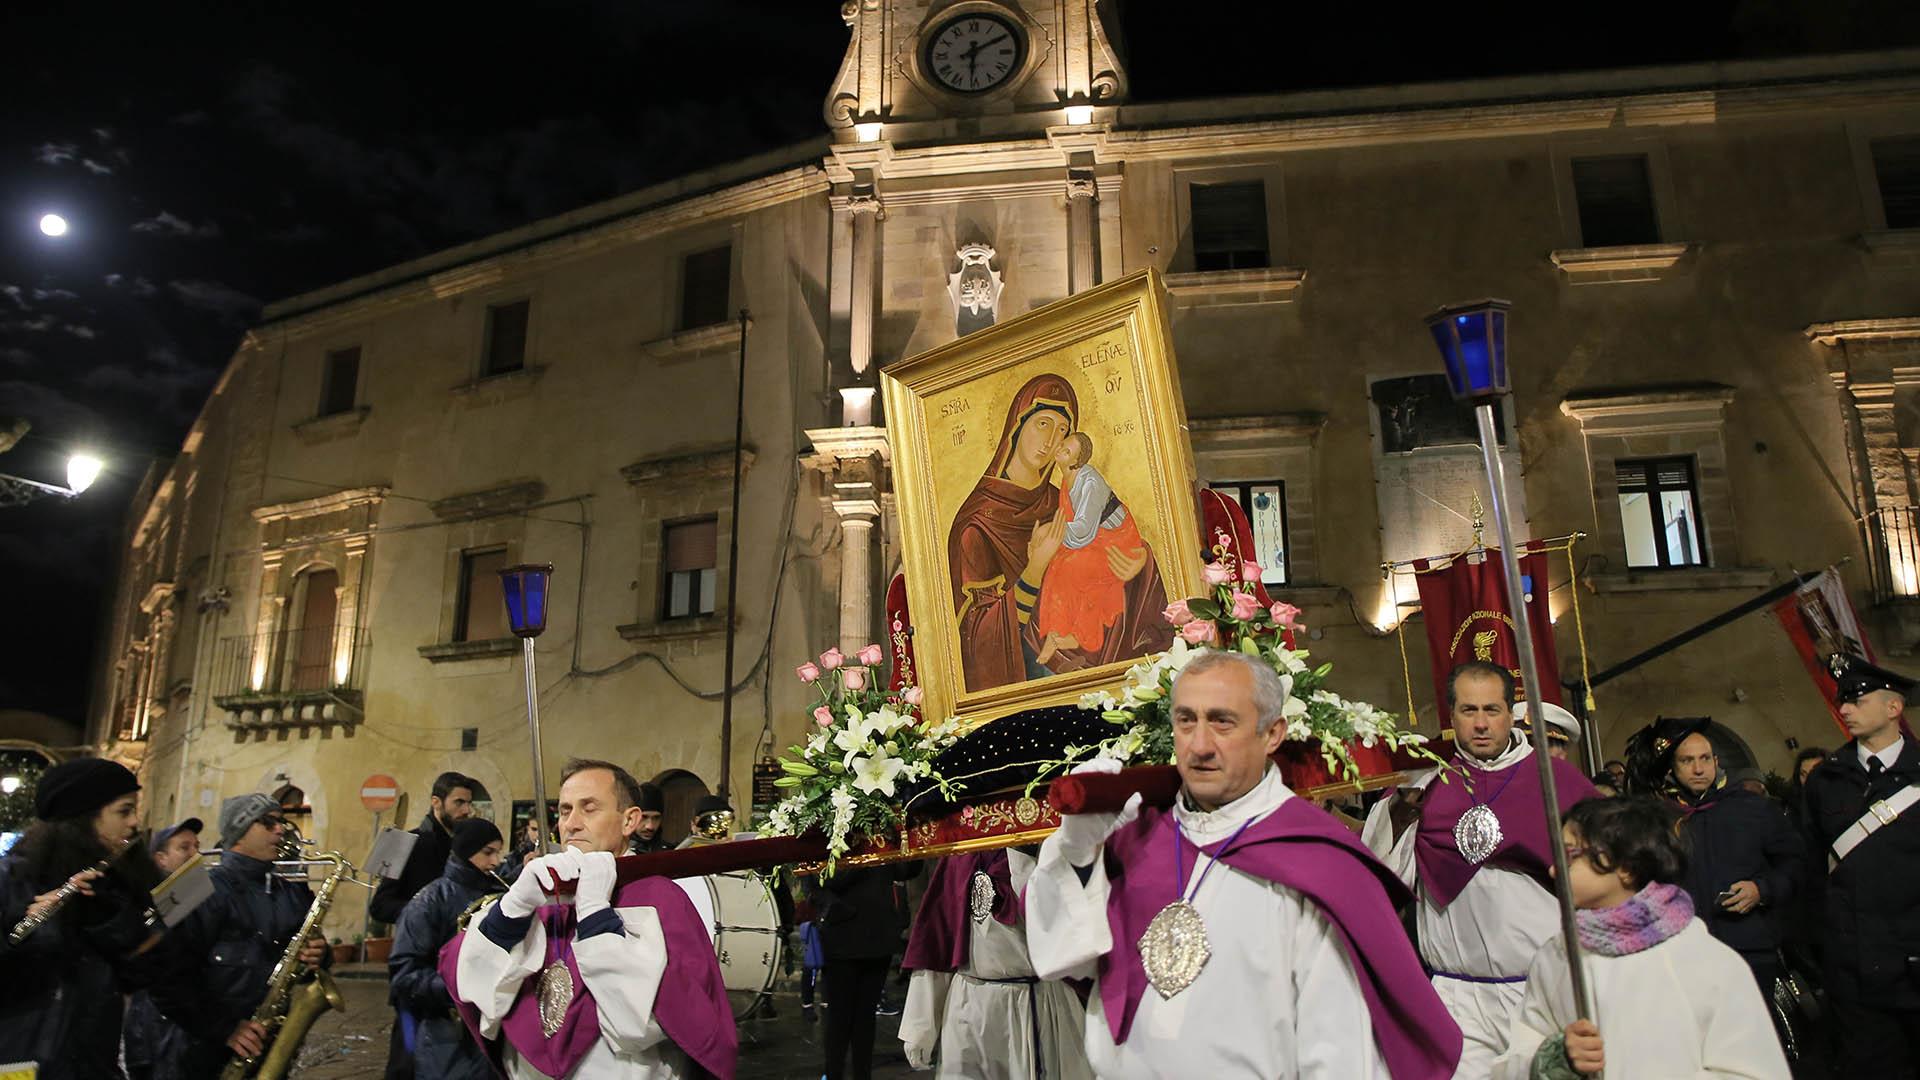 Missione Della Misericordia A Mineo Con La Madonna Dellelemosina